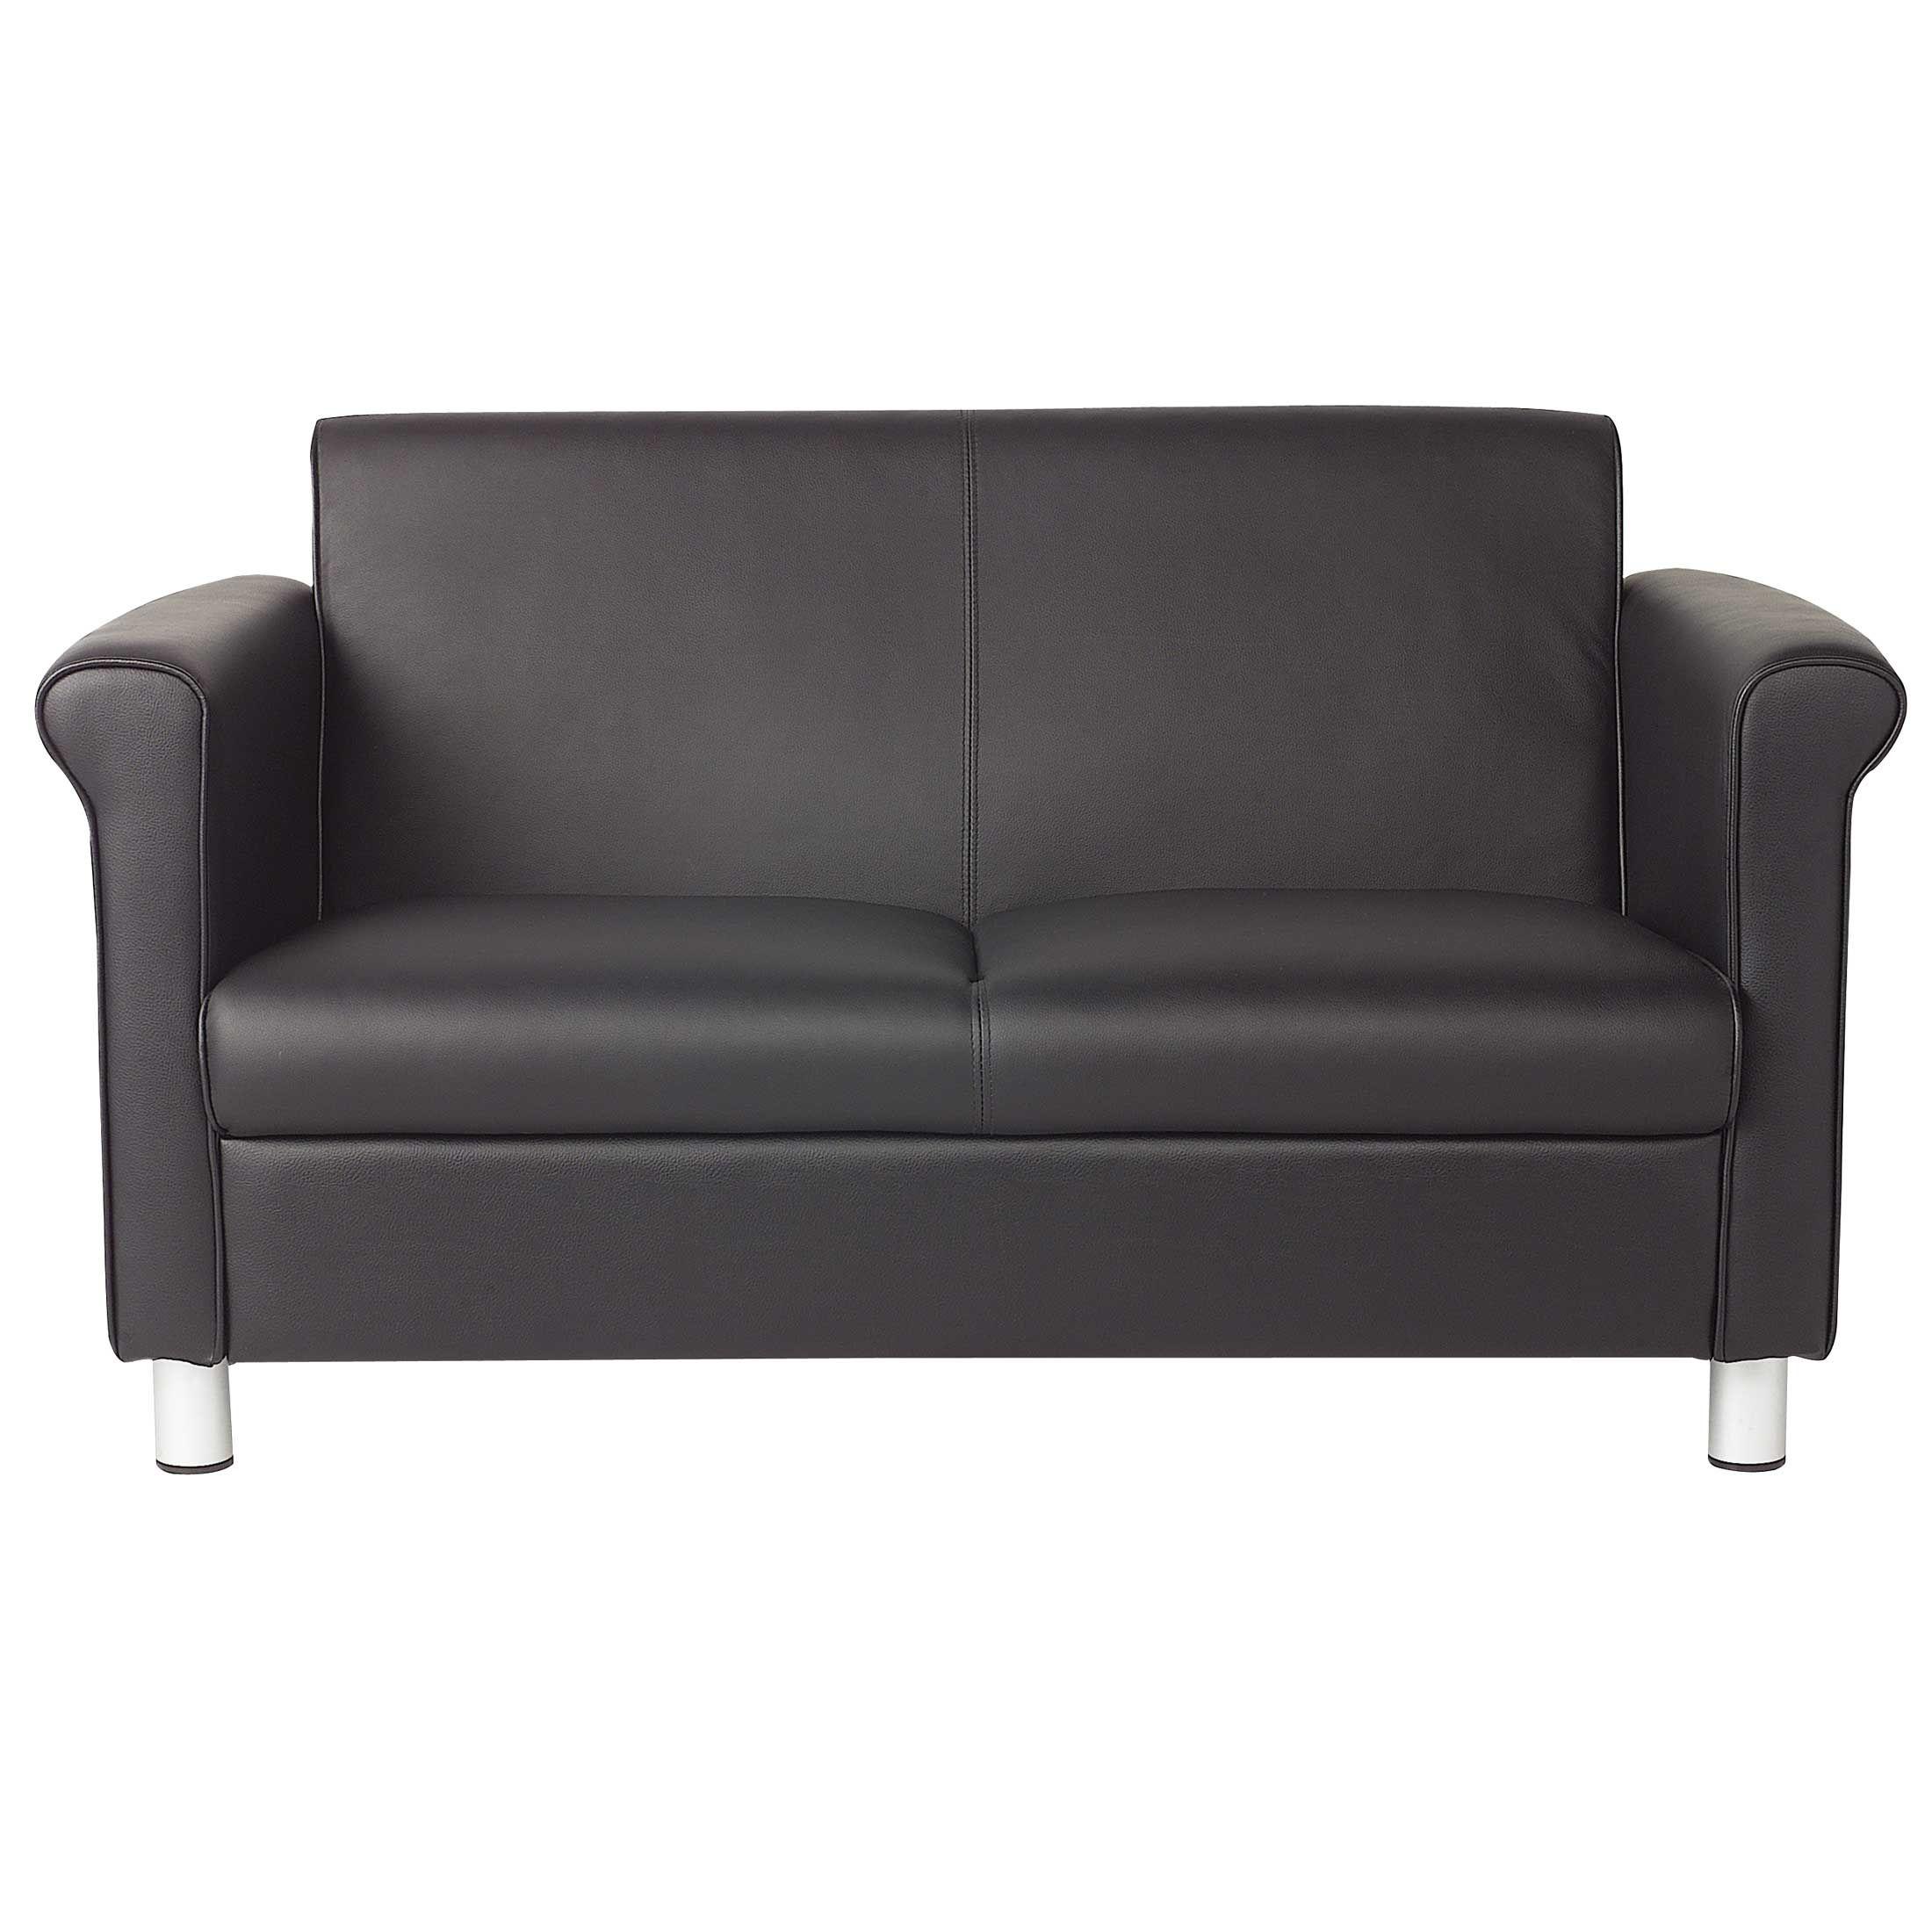 Tabelle Gemütliche Lounge Sessel Gravity Lounge Stuhl Ergonomischen